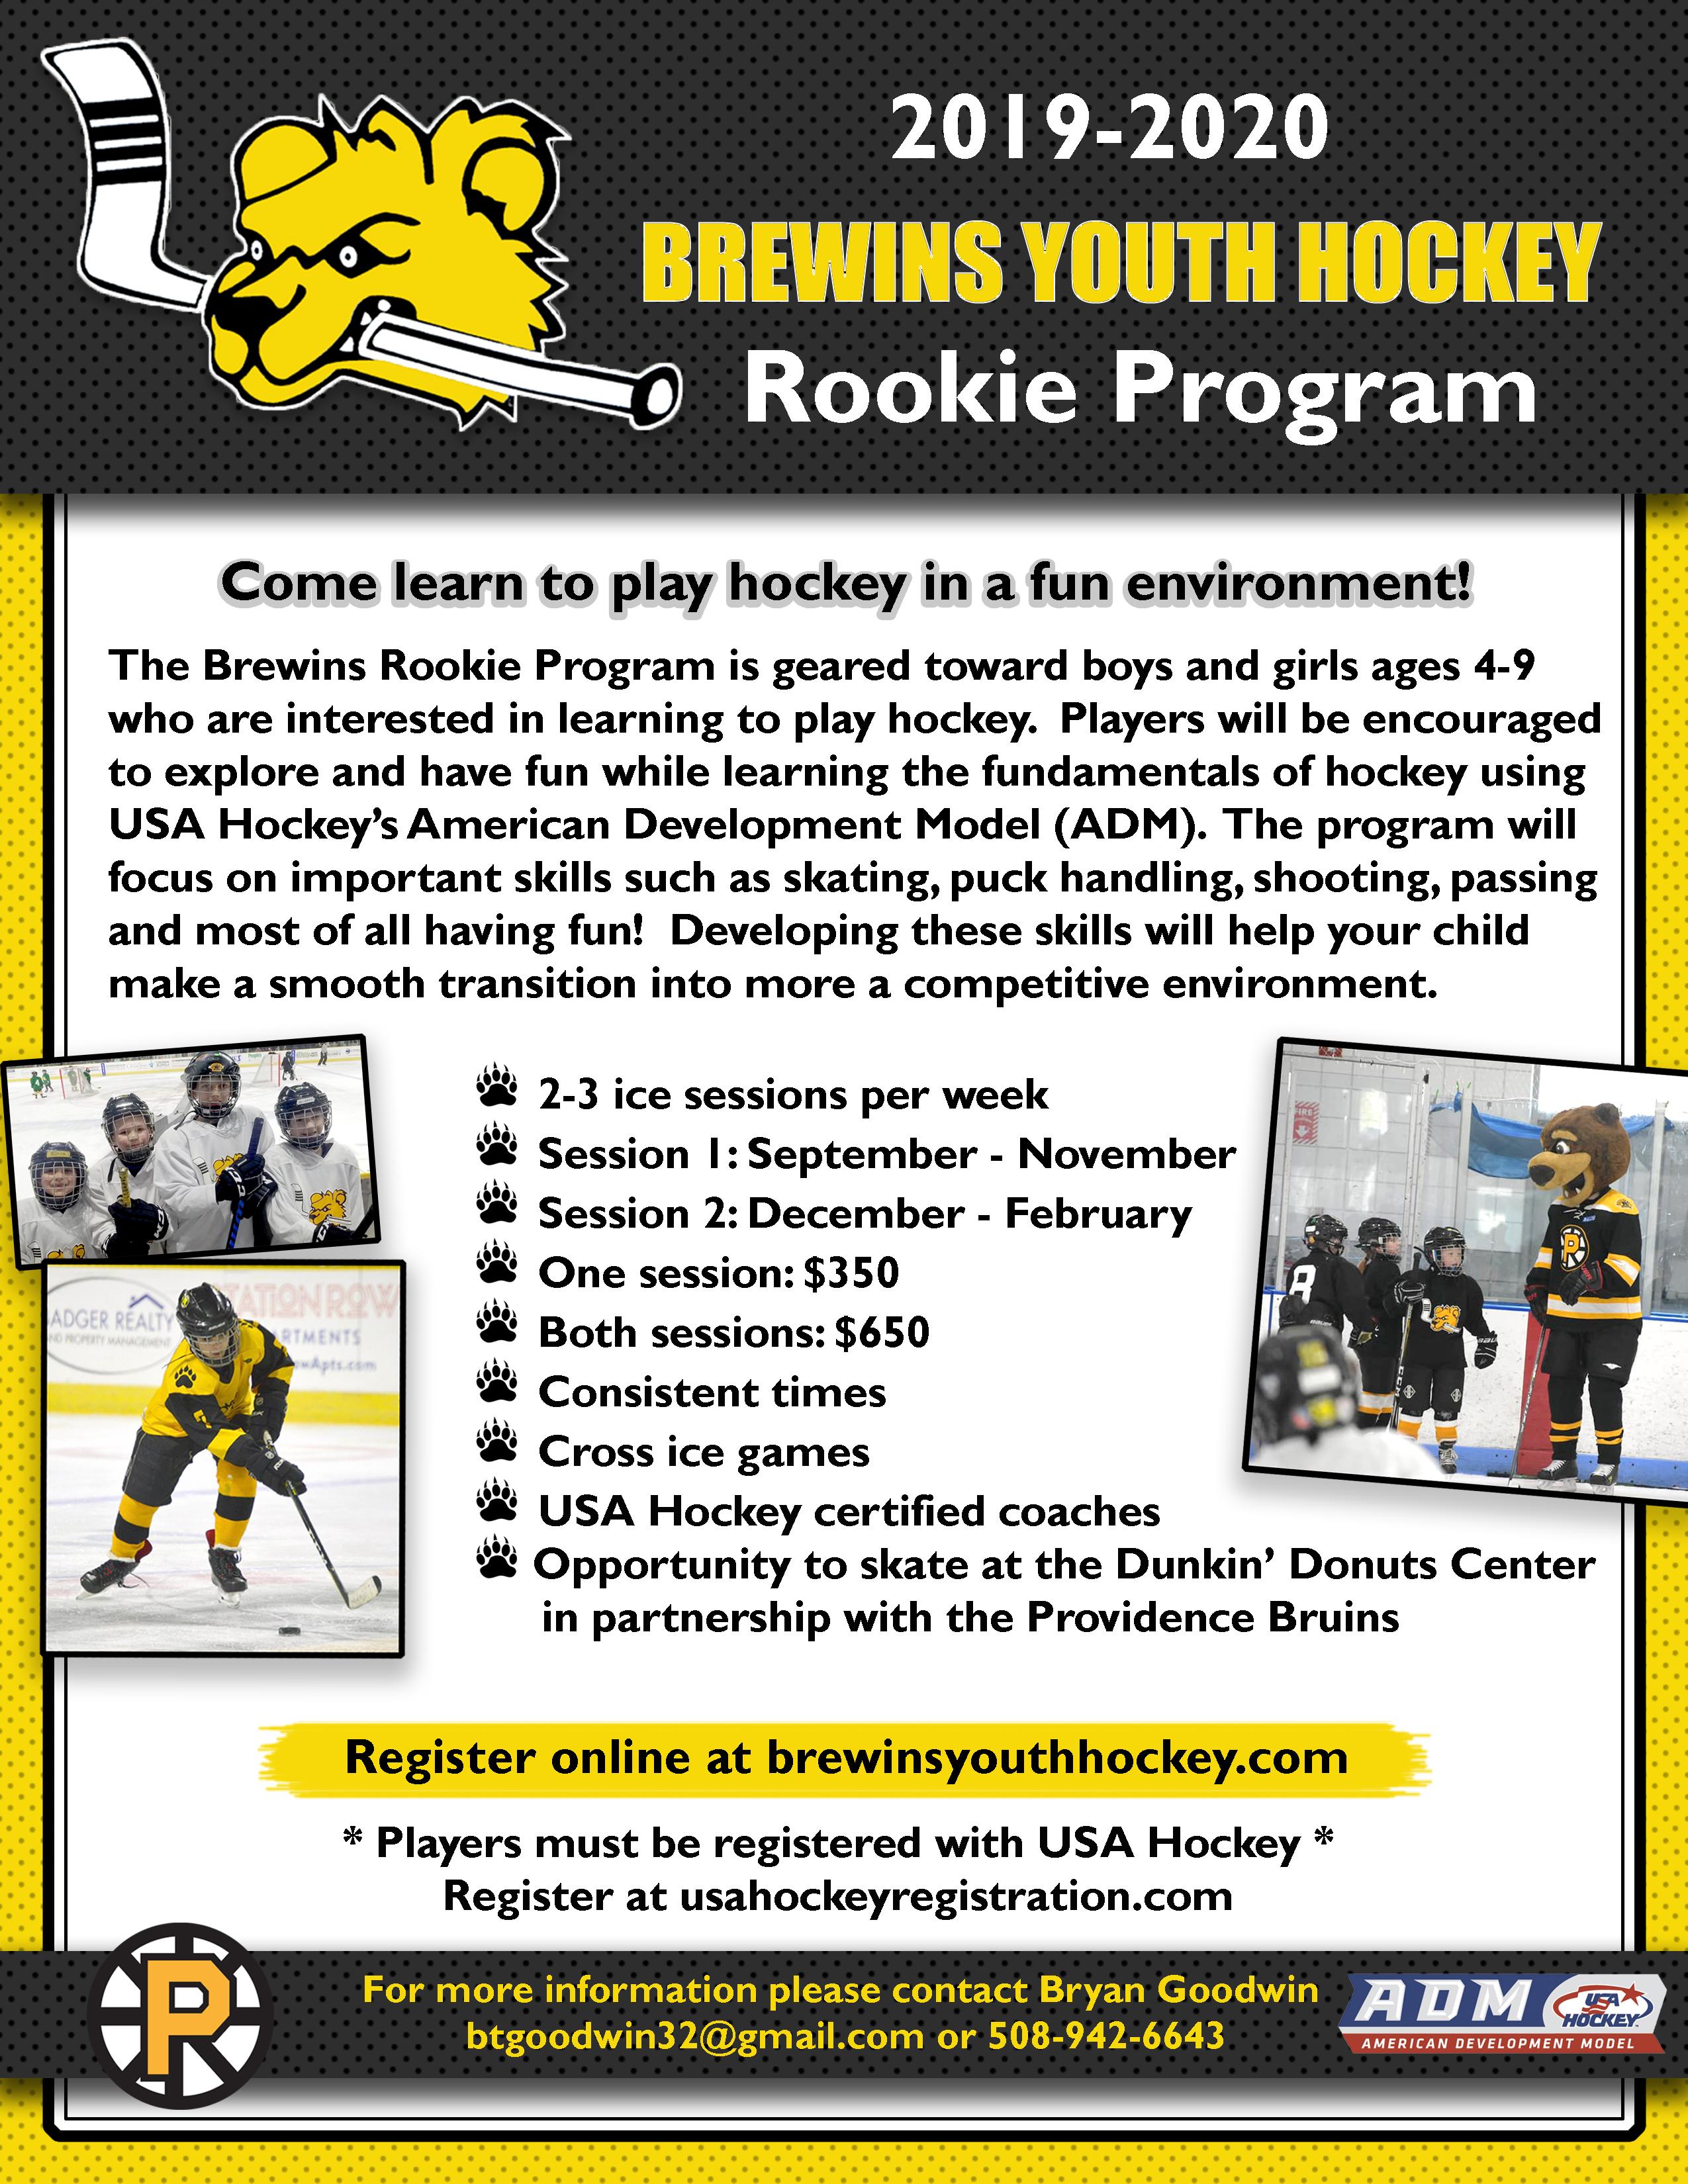 Brewins Youth Hockey